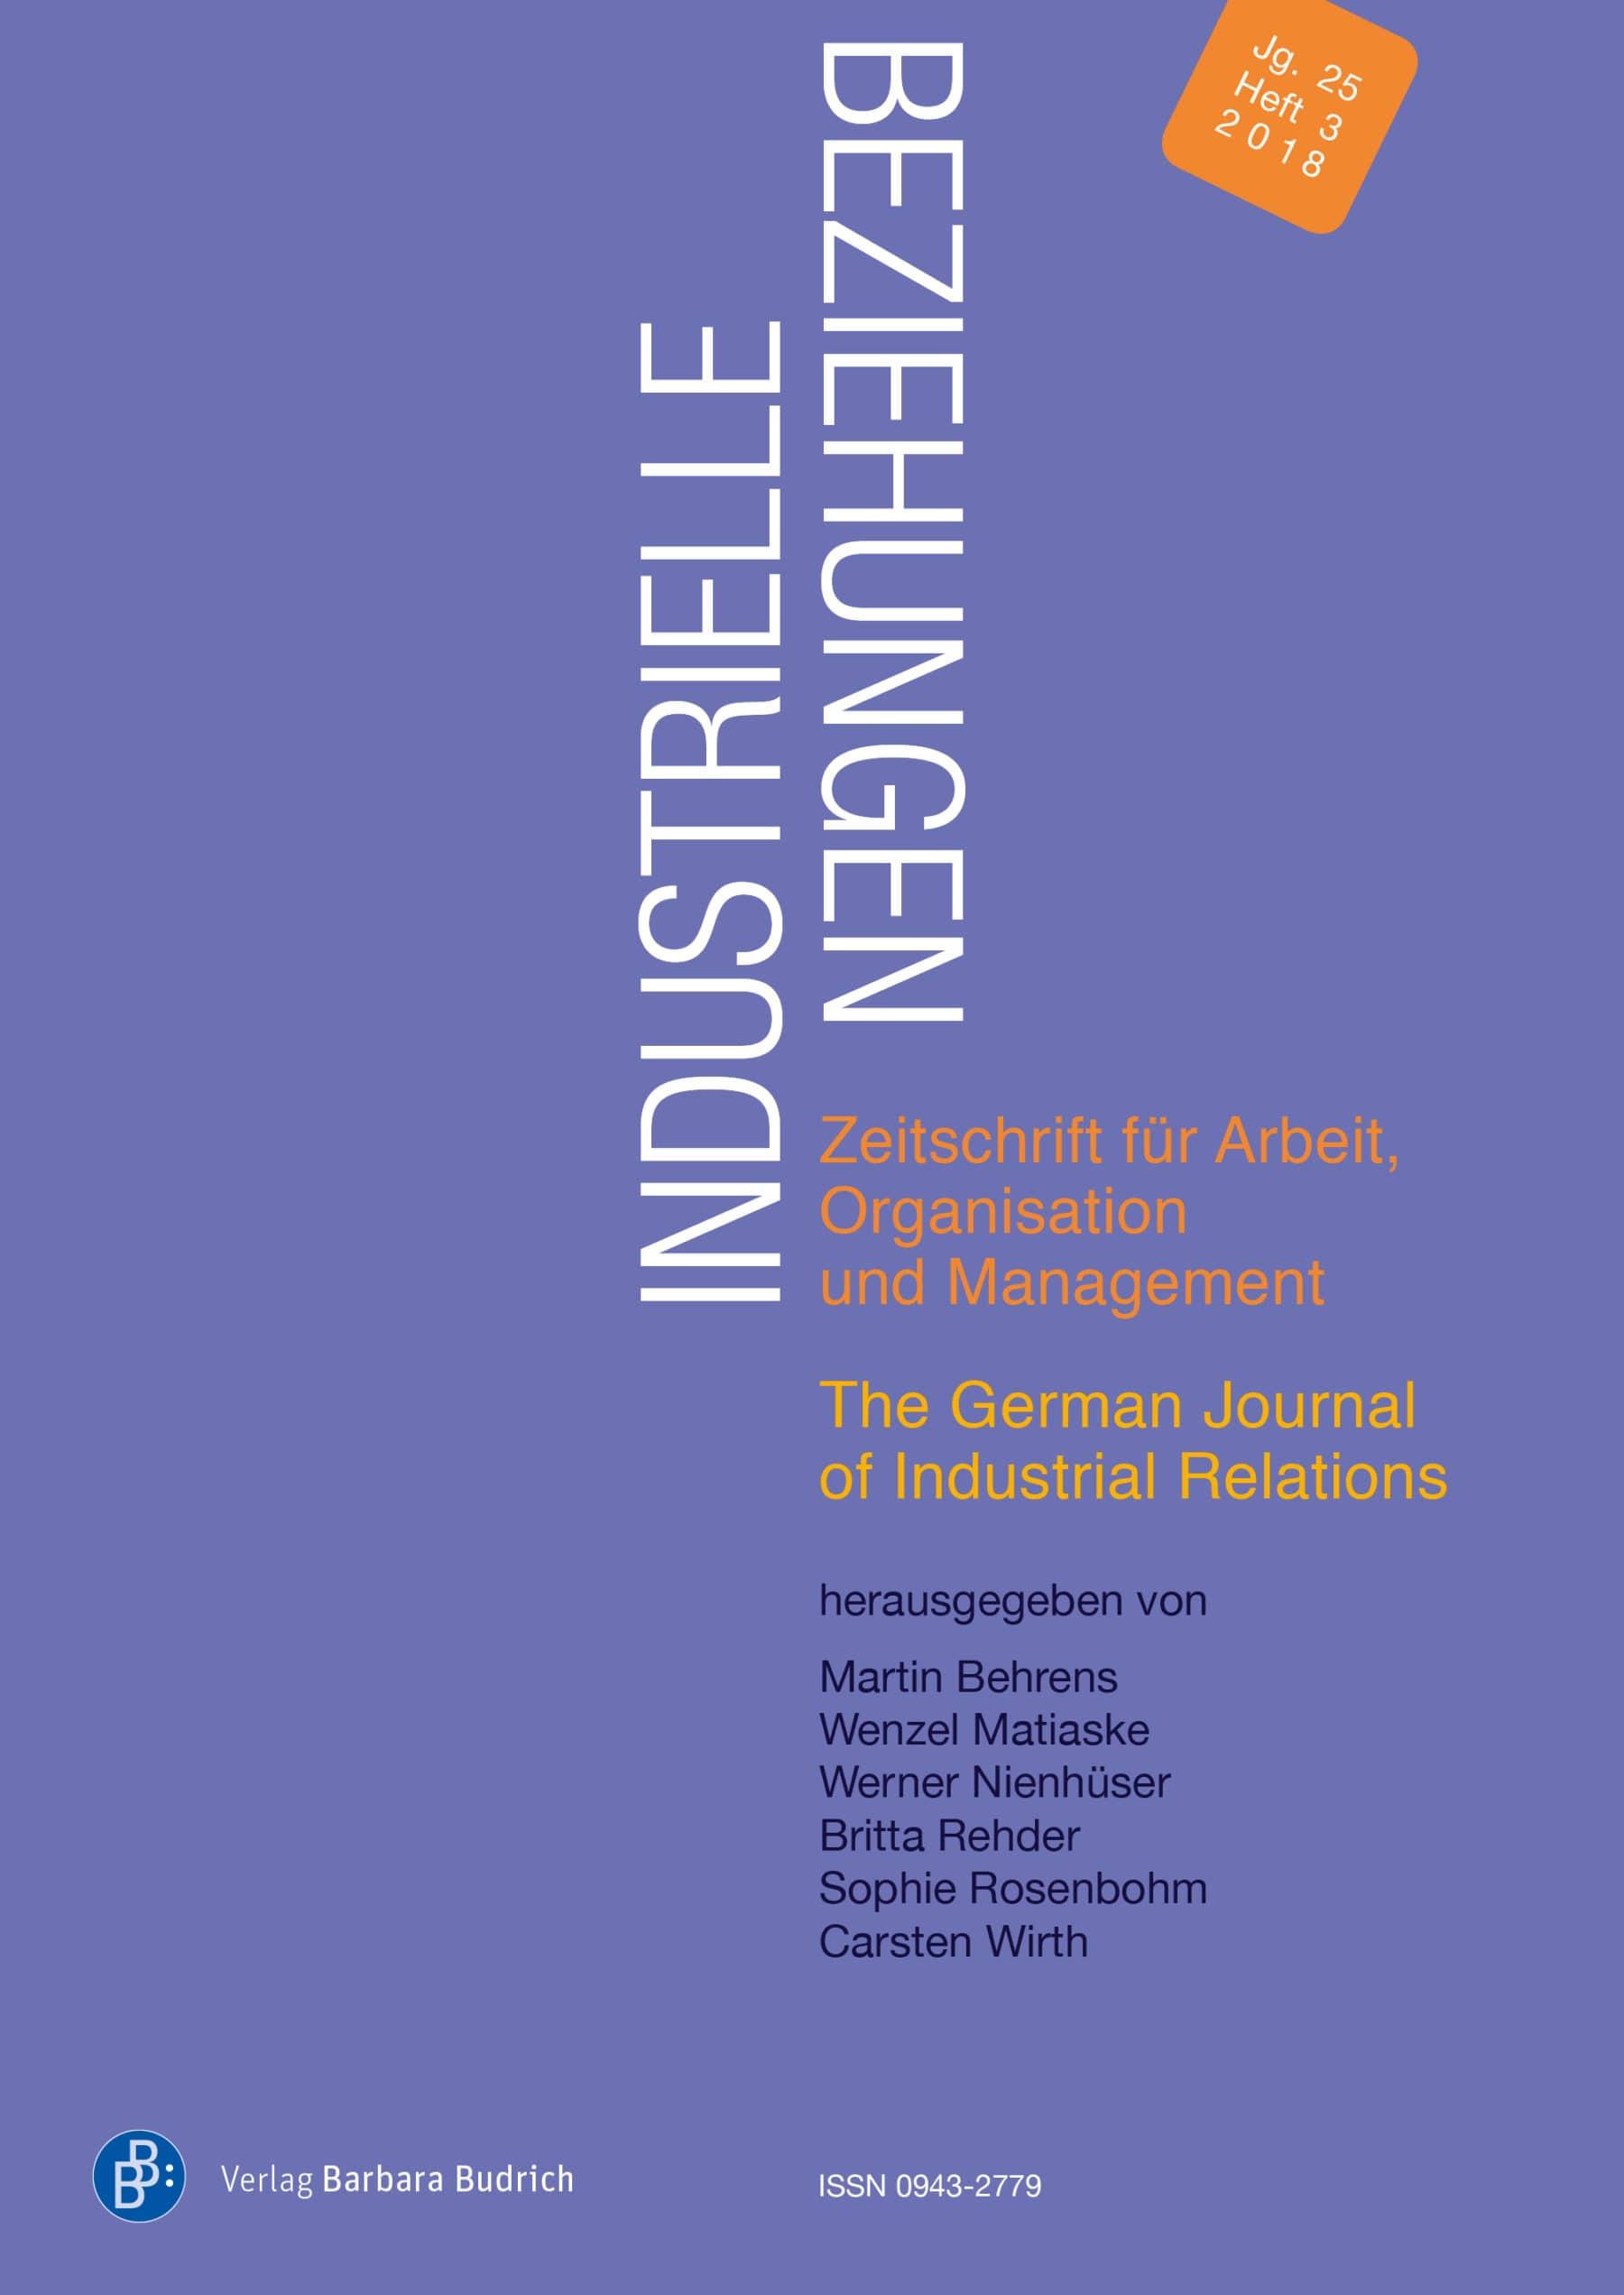 Industrielle Beziehungen. Zeitschrift für Arbeit, Organisation und Management 3-2018: Freie Beiträge